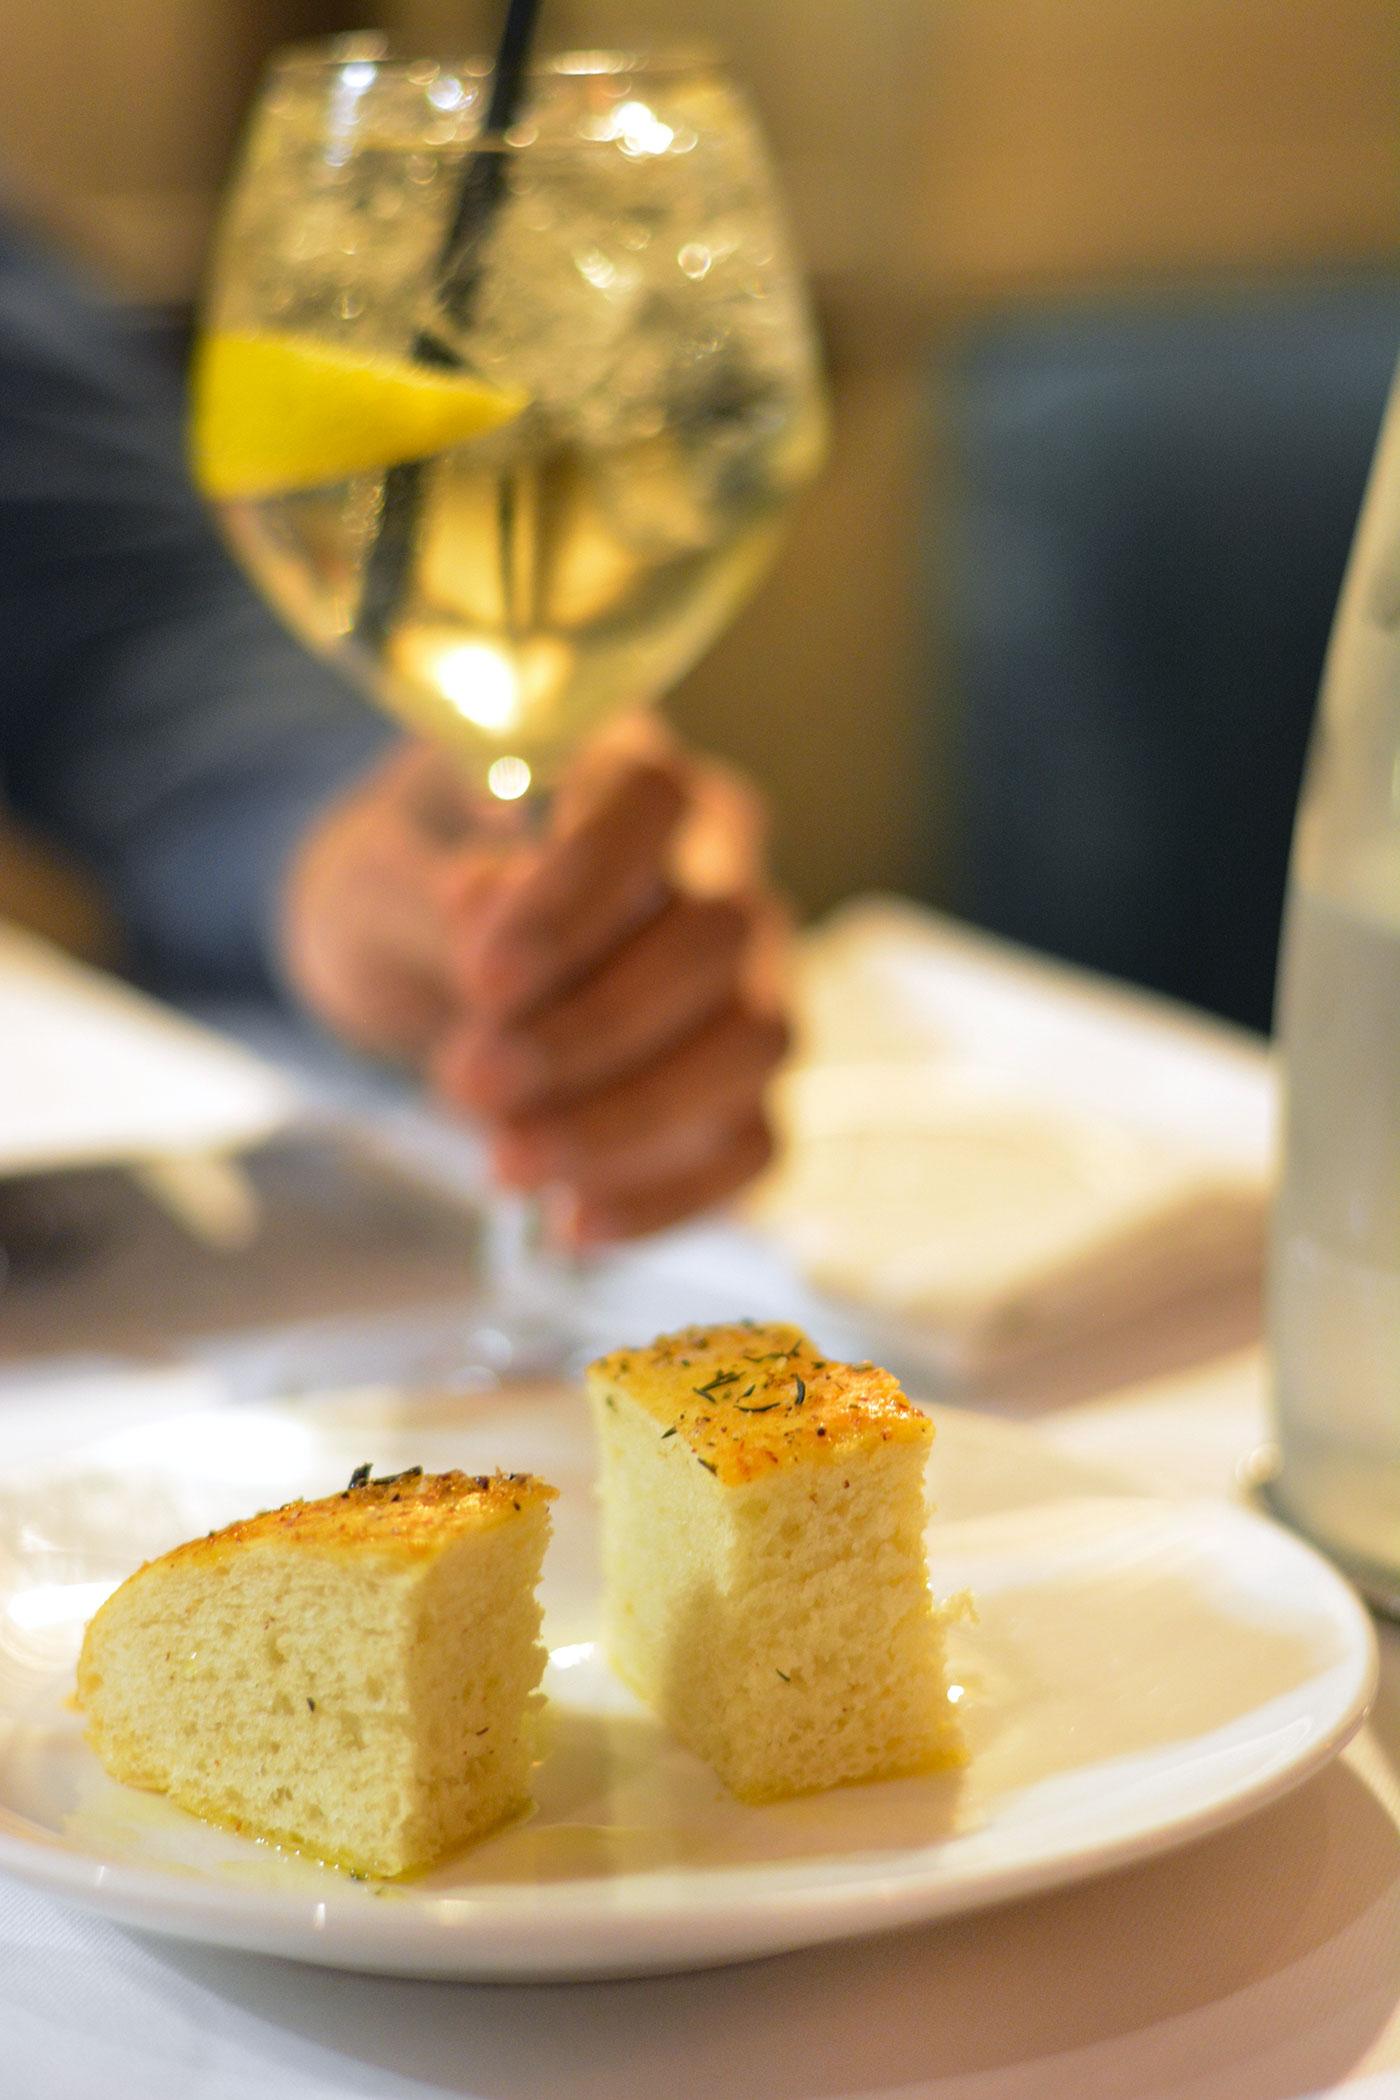 martini blanc devenu jaune